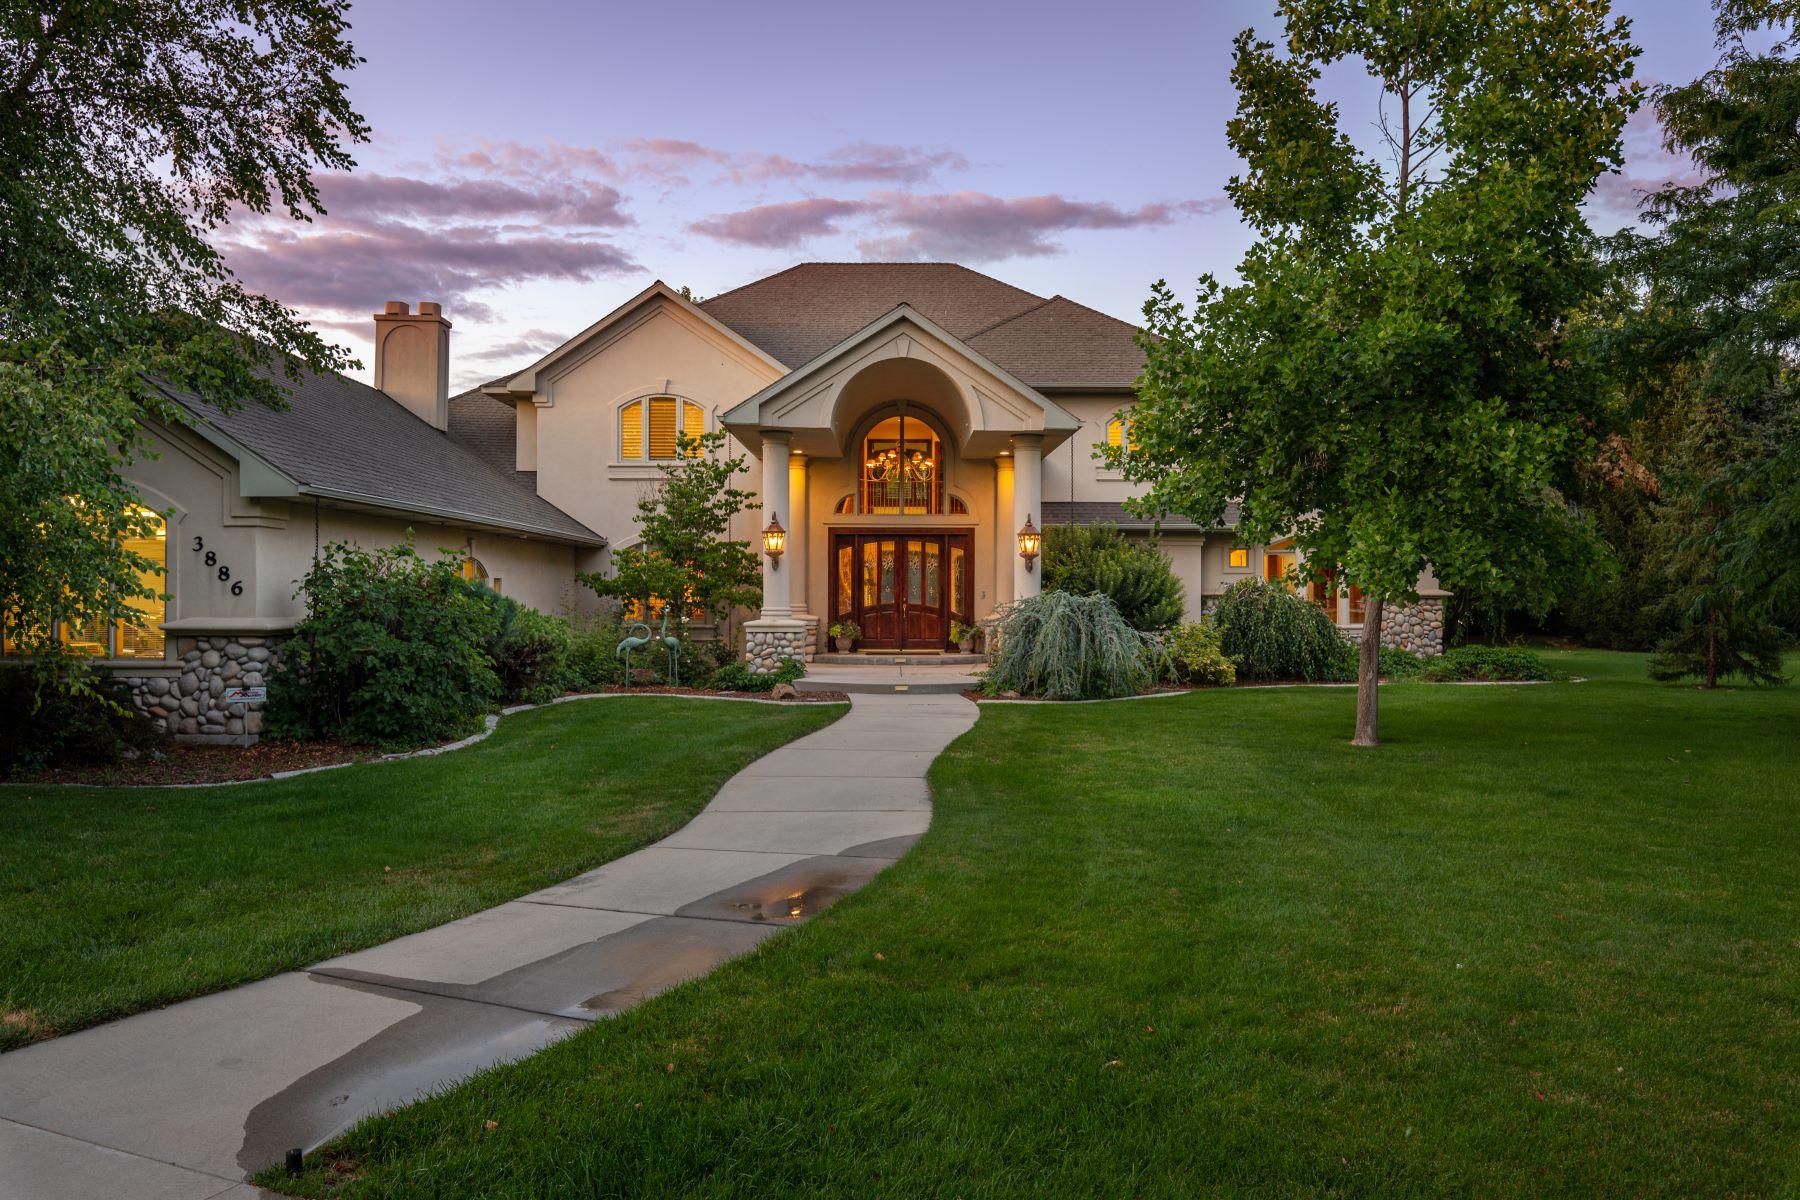 Single Family Homes pour l Vente à 3886 Houseland Court, Eagle 3886 W Houseland Ct Eagle, Idaho 83616 États-Unis